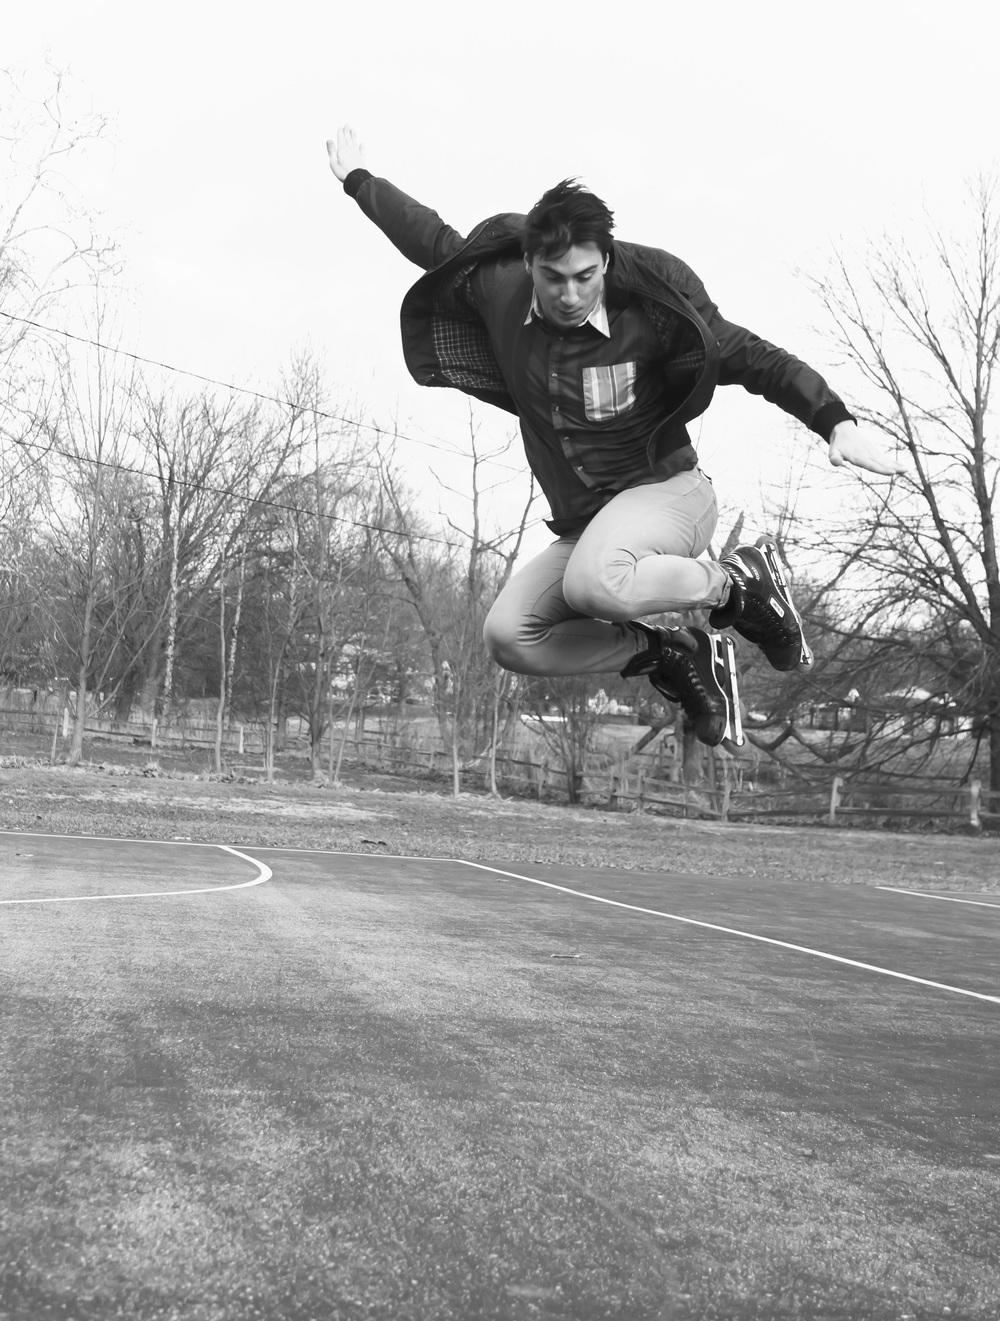 skate-2.jpg